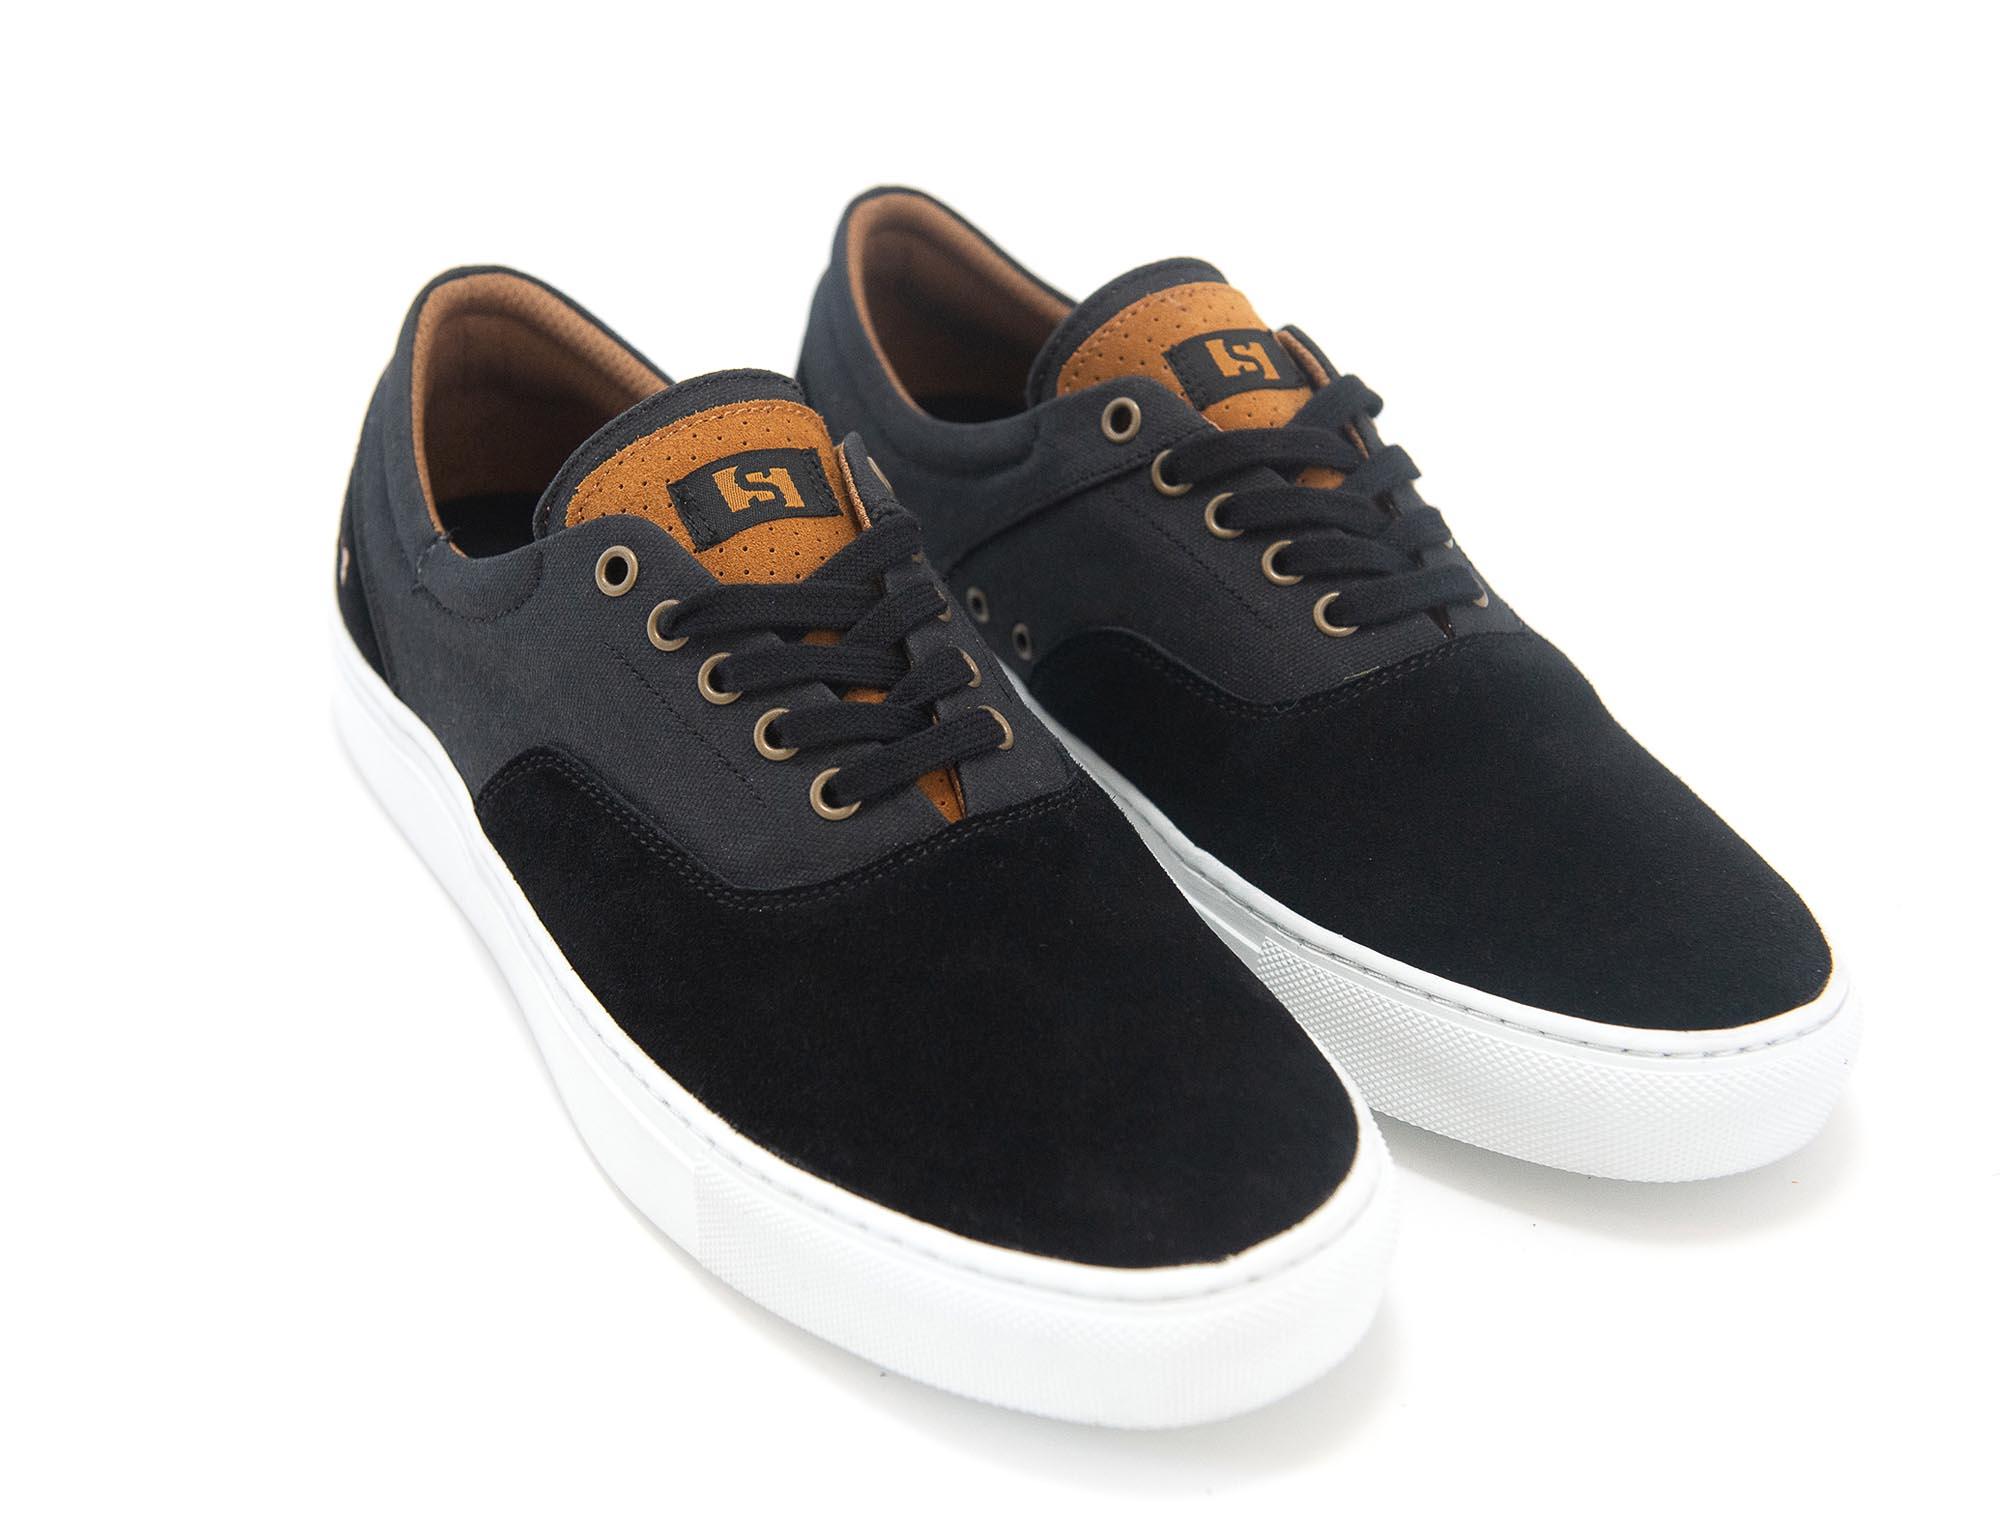 State Footwear FW 2021 Skate Footwear